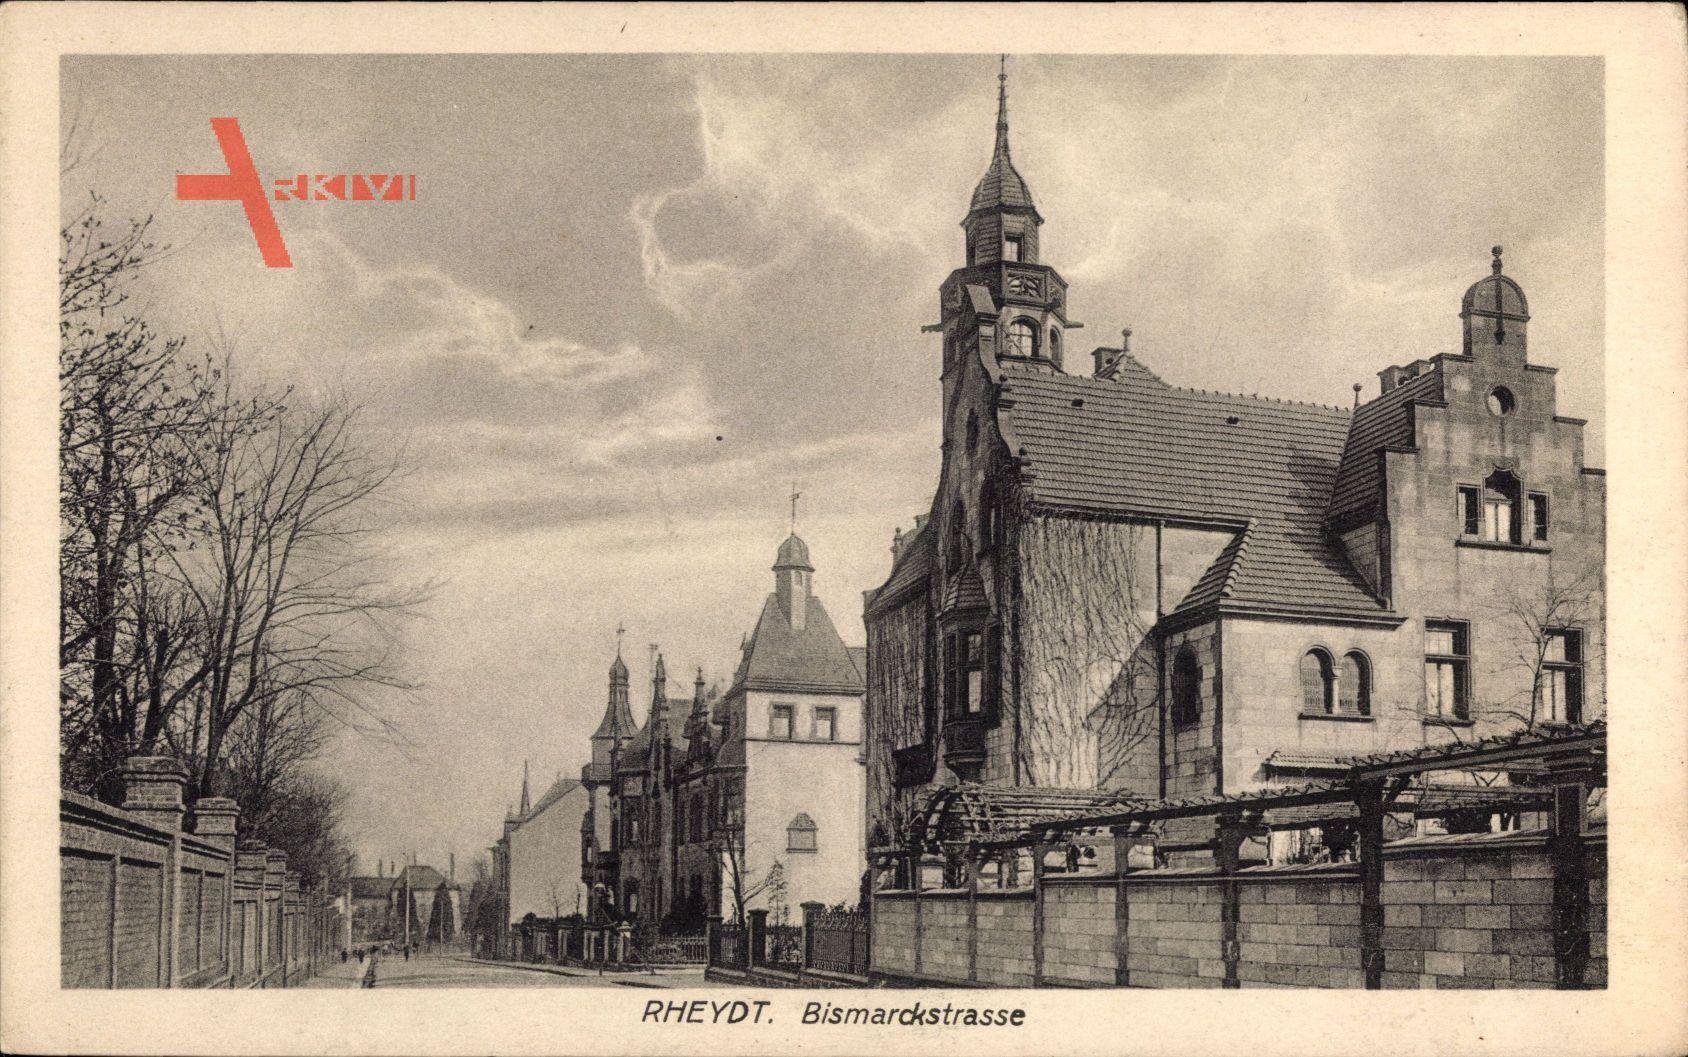 Bismarckstraße Mönchengladbach mönchengladbach rheydt blick in die bismarckstraße rankenbewuchs